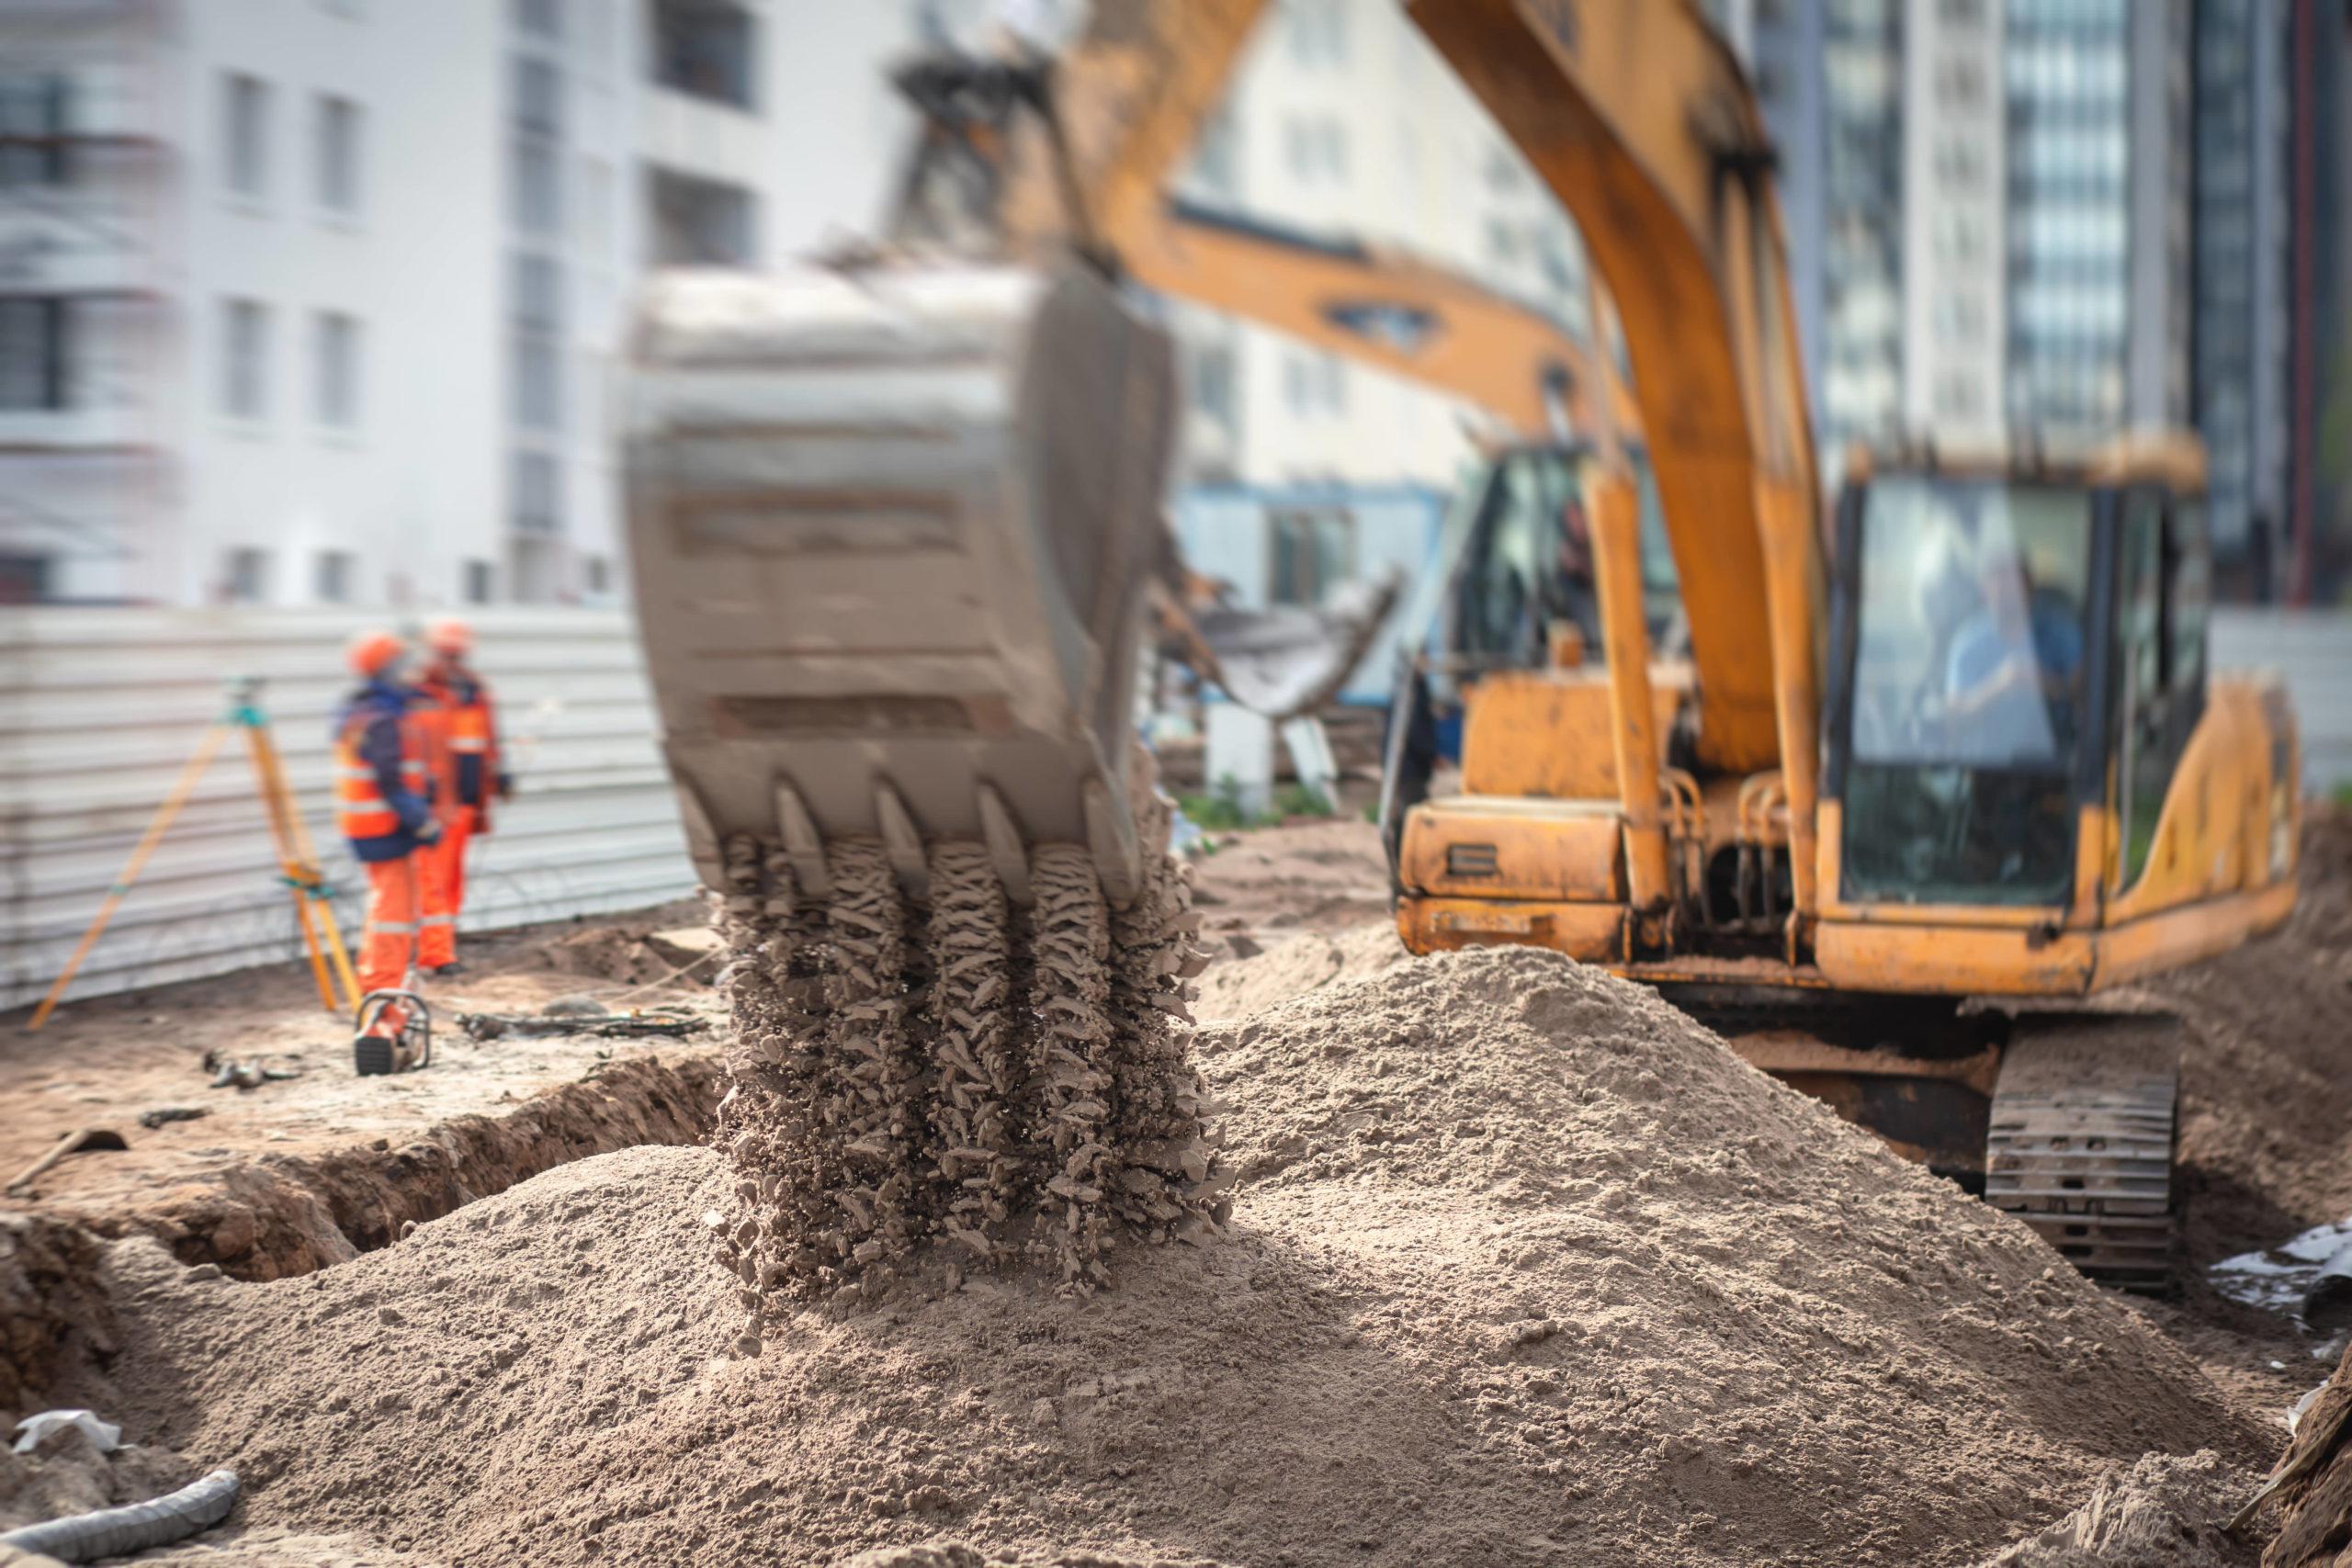 El sector de los áridos reclama la reactivación inmediata de las obras y un Plan de construcción verde para impulsar la economía